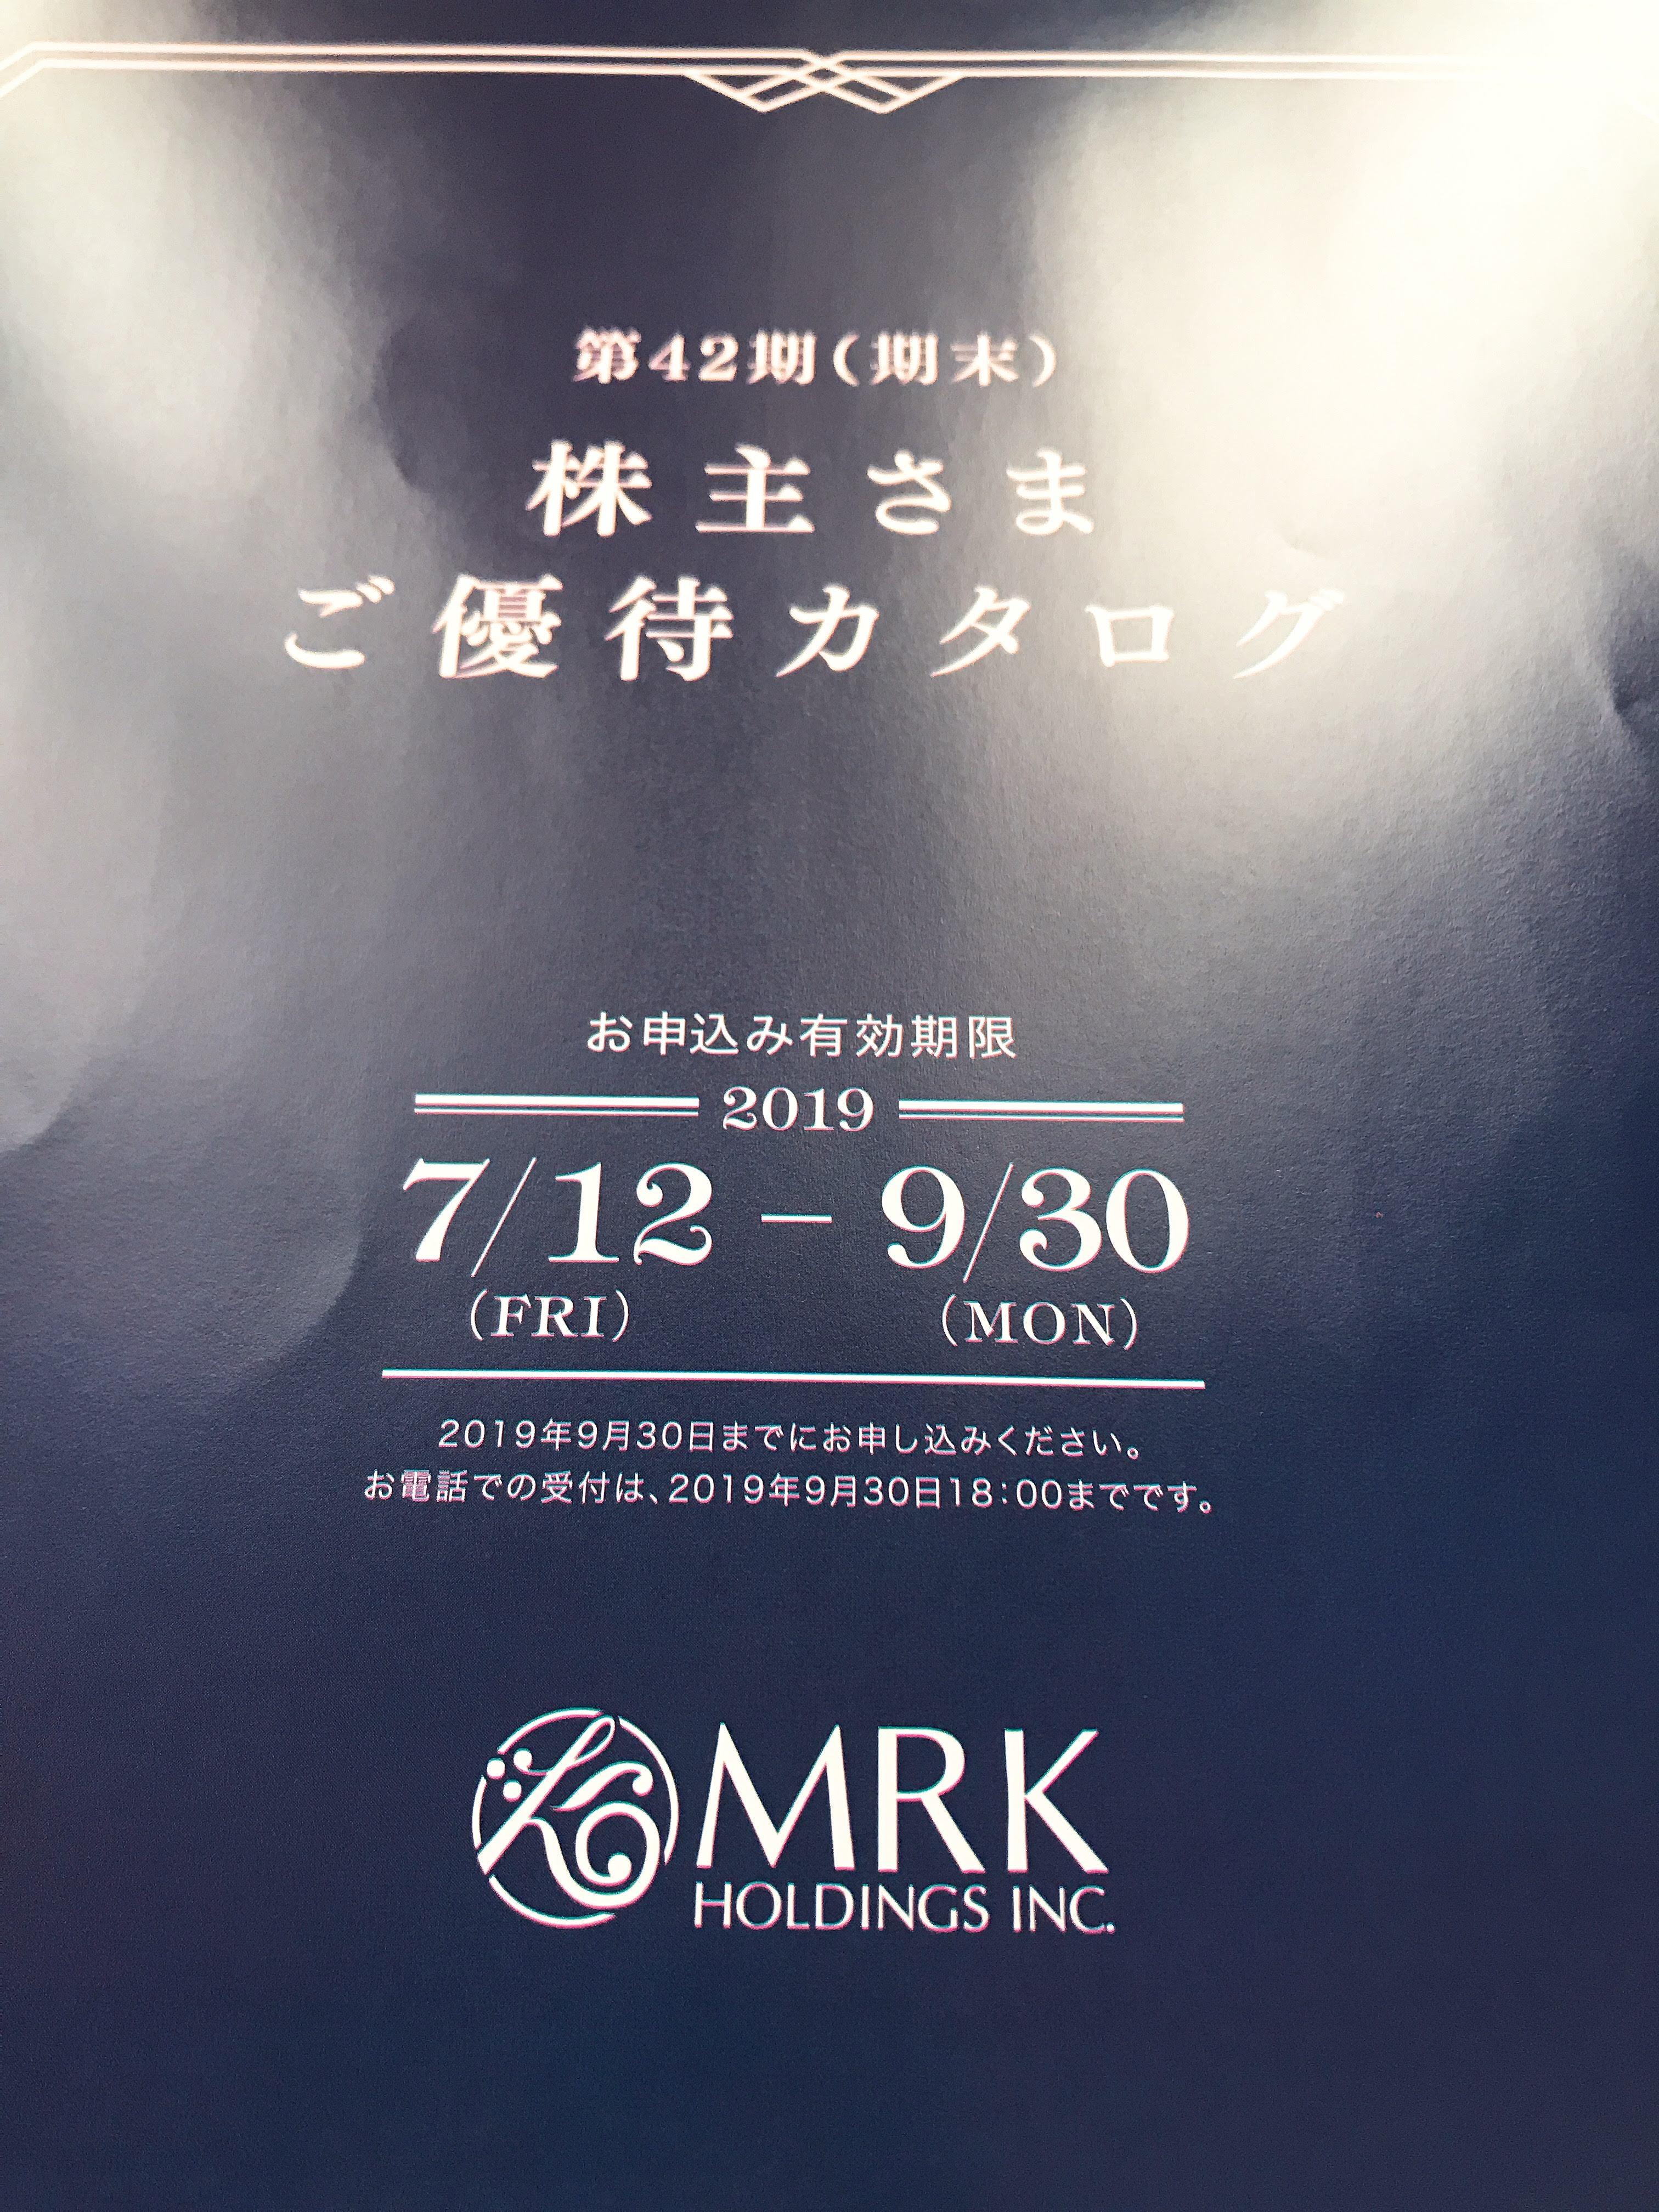 【2019年度】MRK(マルコ)の株主優待が到着|カタログギフト内容公開